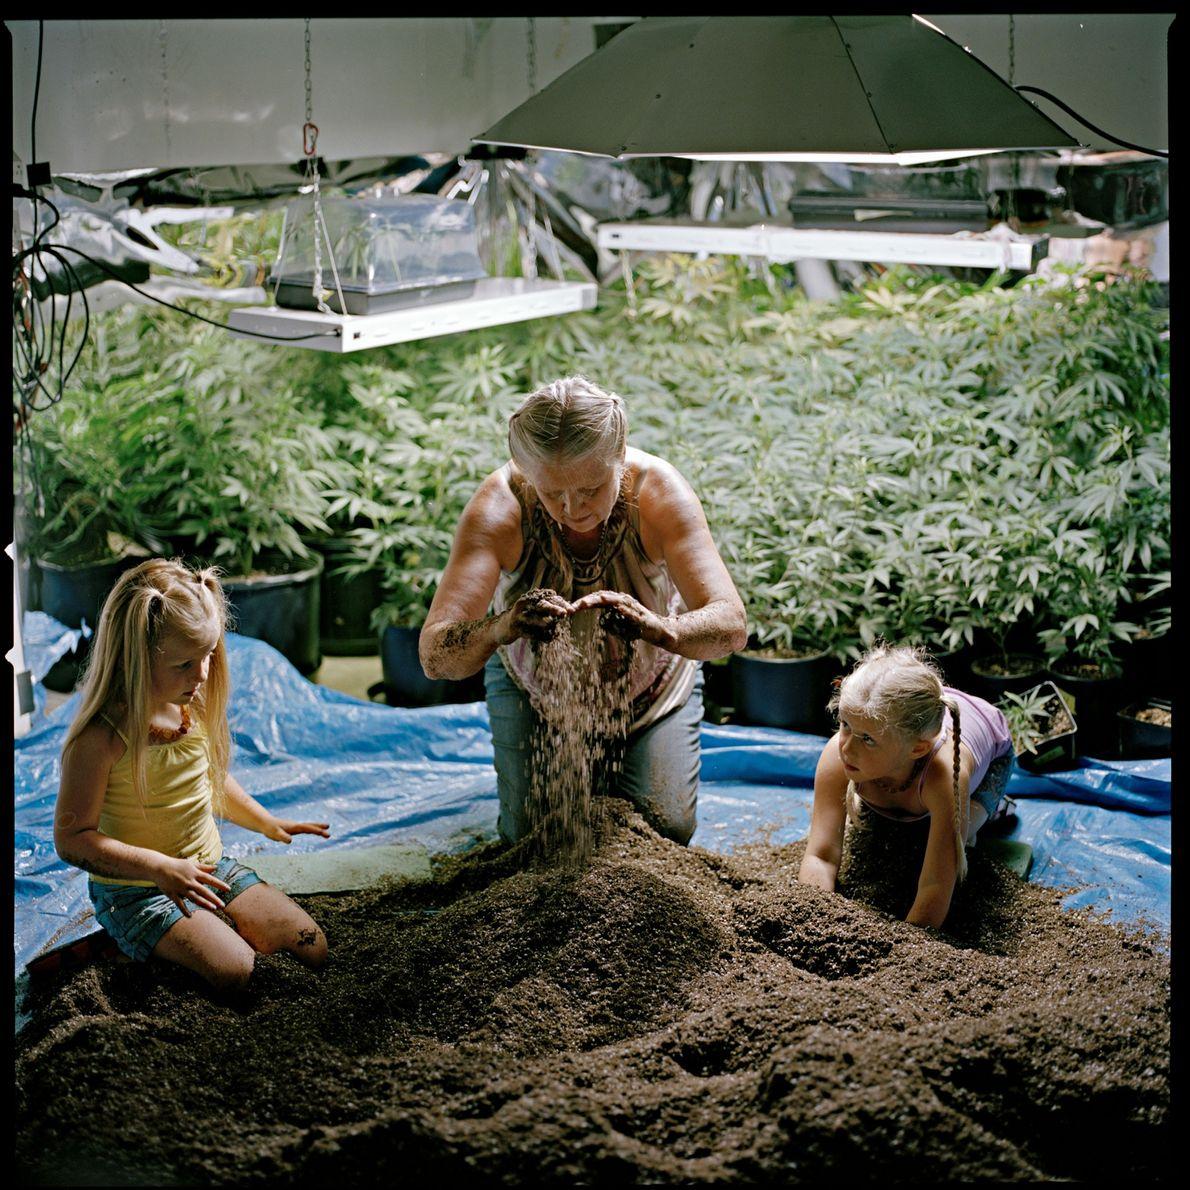 Mit Hilfe ihrer Enkelinnen bereitet eine Mutter die Erde für das Familienunternehmen im US-Bundesstaat Washington vor, ...